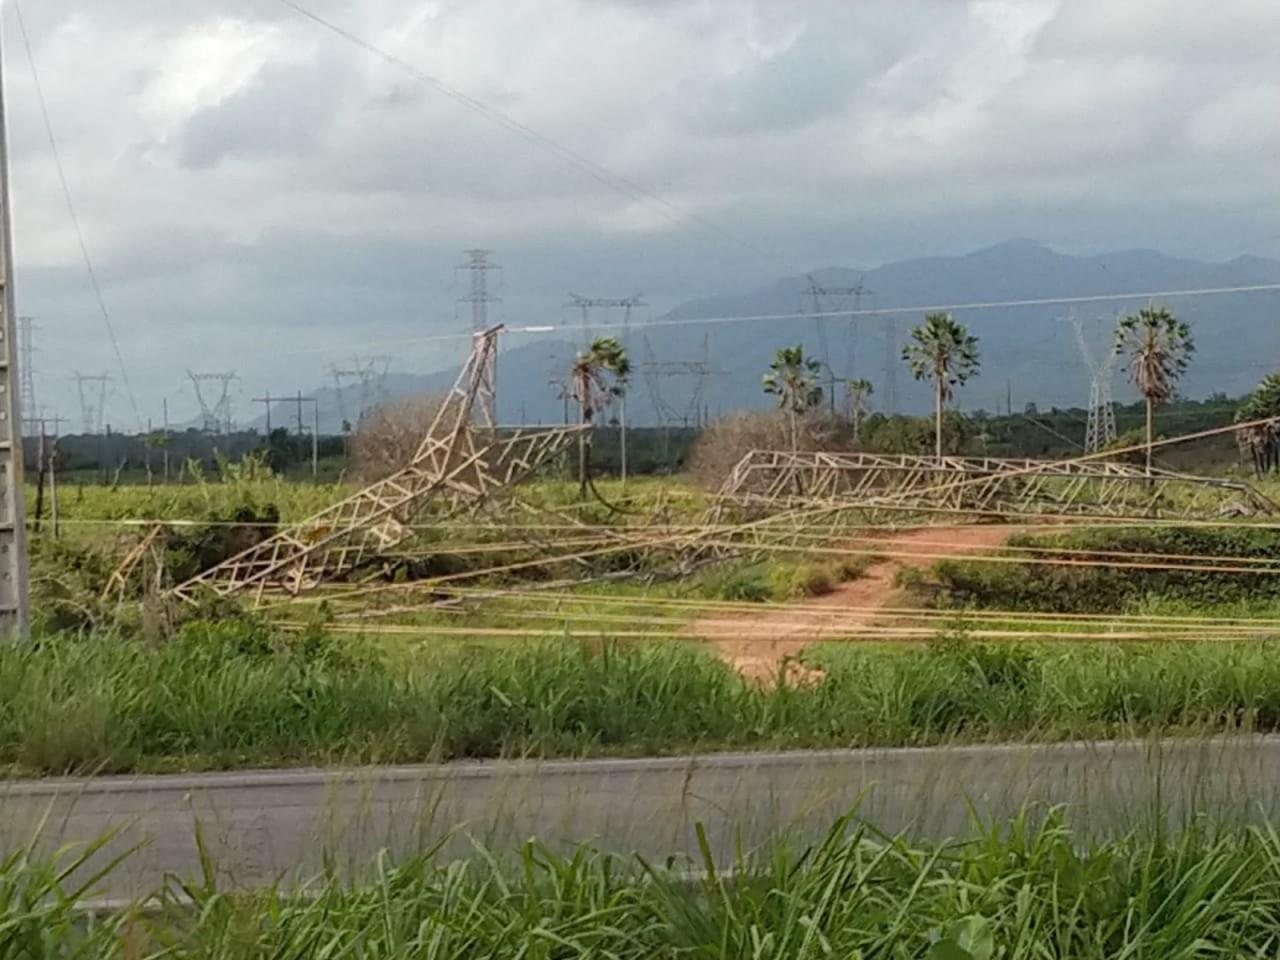 whatsapp image 2019 01 12 at 08.16.01 1 - Criminosos destroem torre de transmissão e atacam concessionária no 11º dia de onda de violência no Ceará